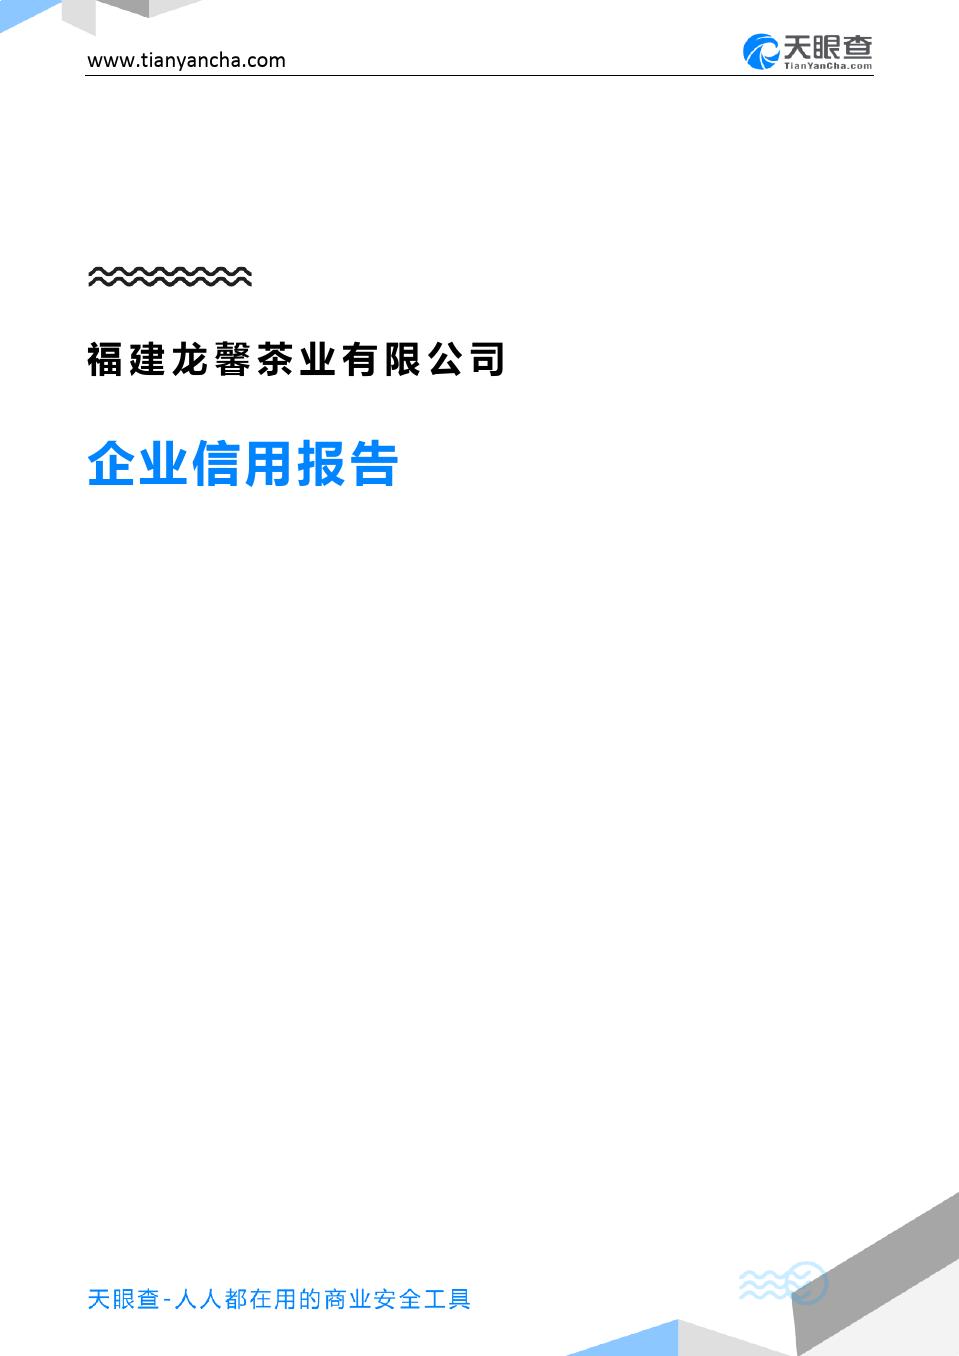 福建龍馨茶業有限公司(企業信用報告)- 天眼查